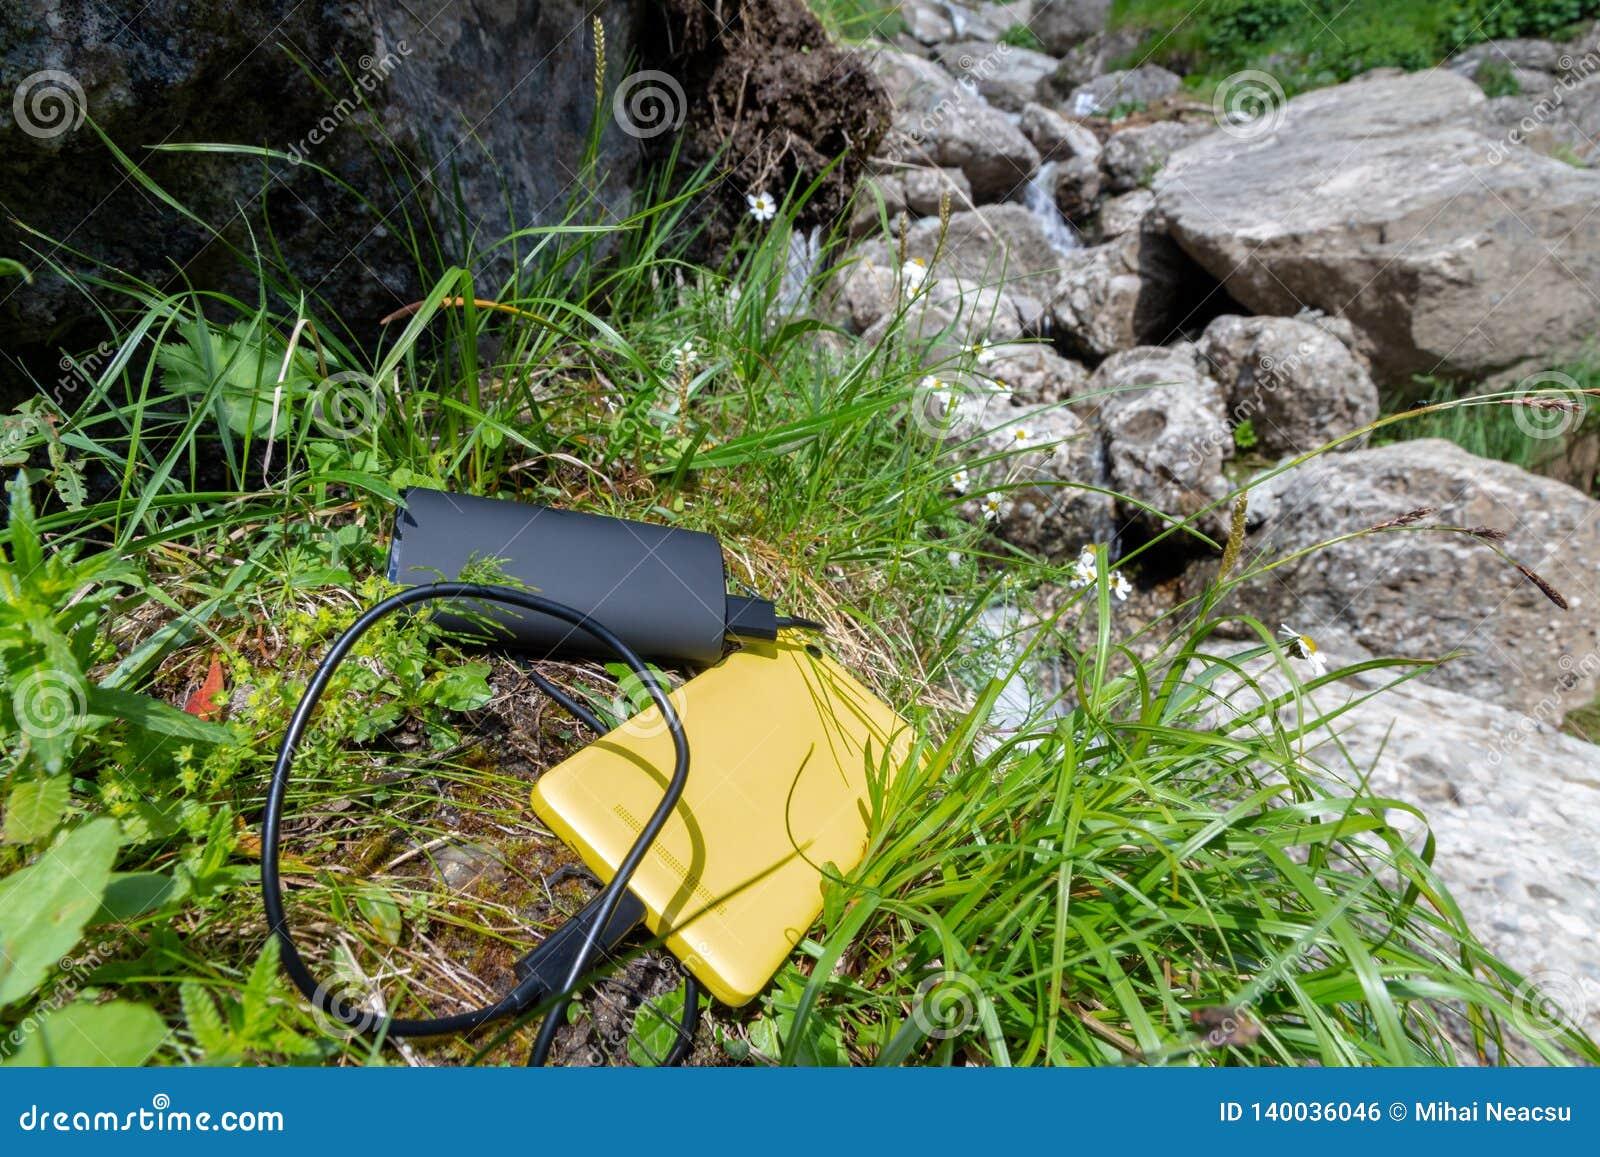 Το κίτρινο smartphone φόρτισε από μια μαύρη εξωτερική μπαταρία powerbank, τοποθετημένος στη χλόη, κοντινοί βράχοι, επάνω στο βουν